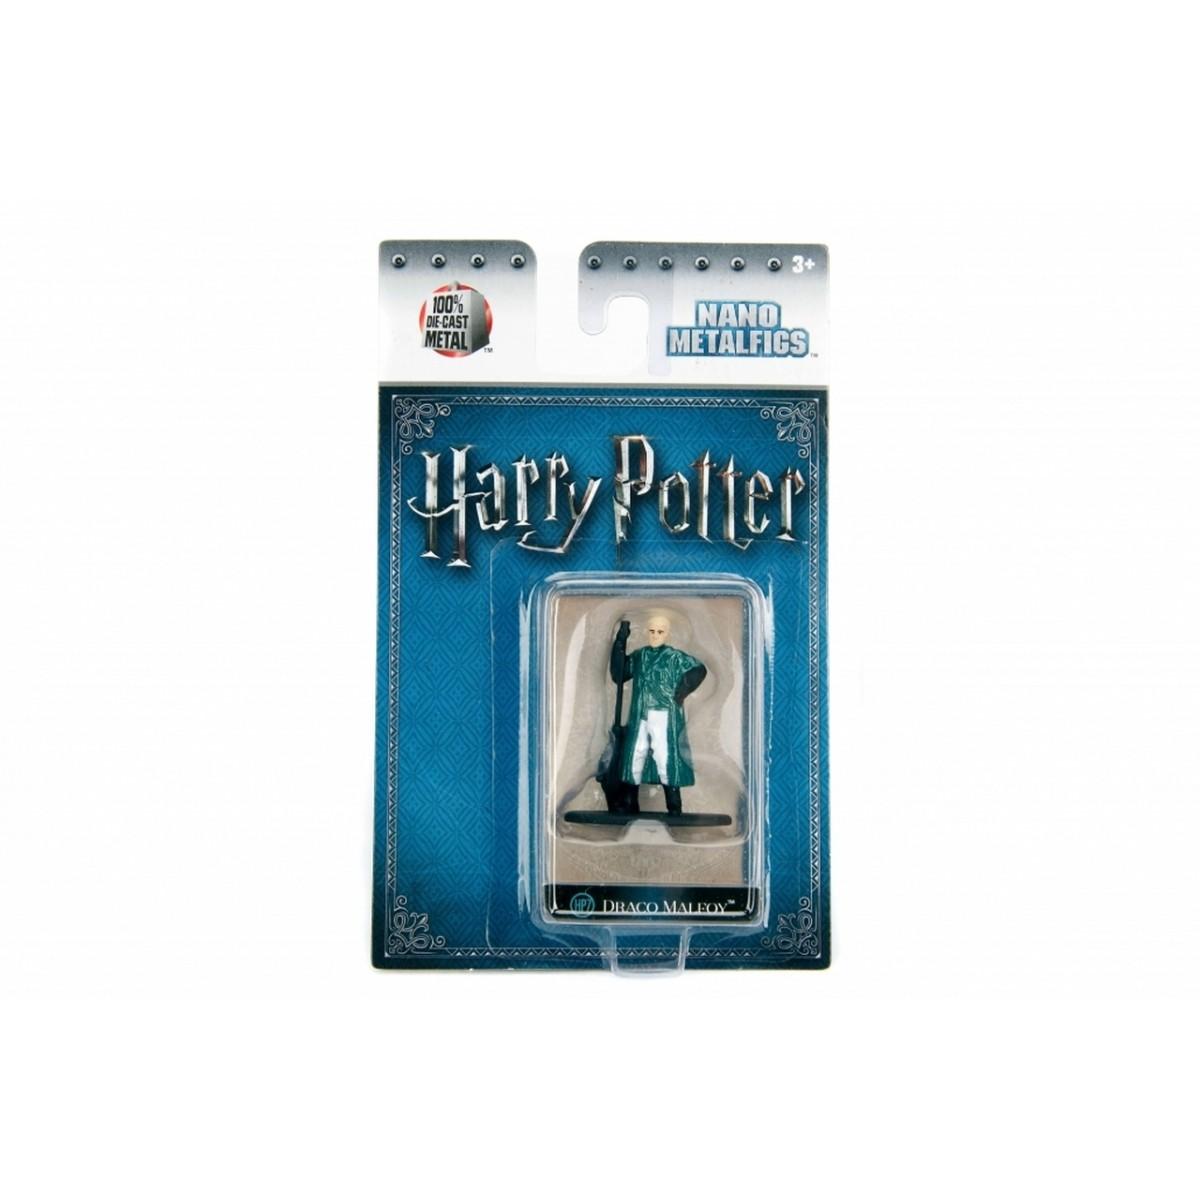 Nano Metalfigs: Draco Malfoy: Harry Potter (HP7)